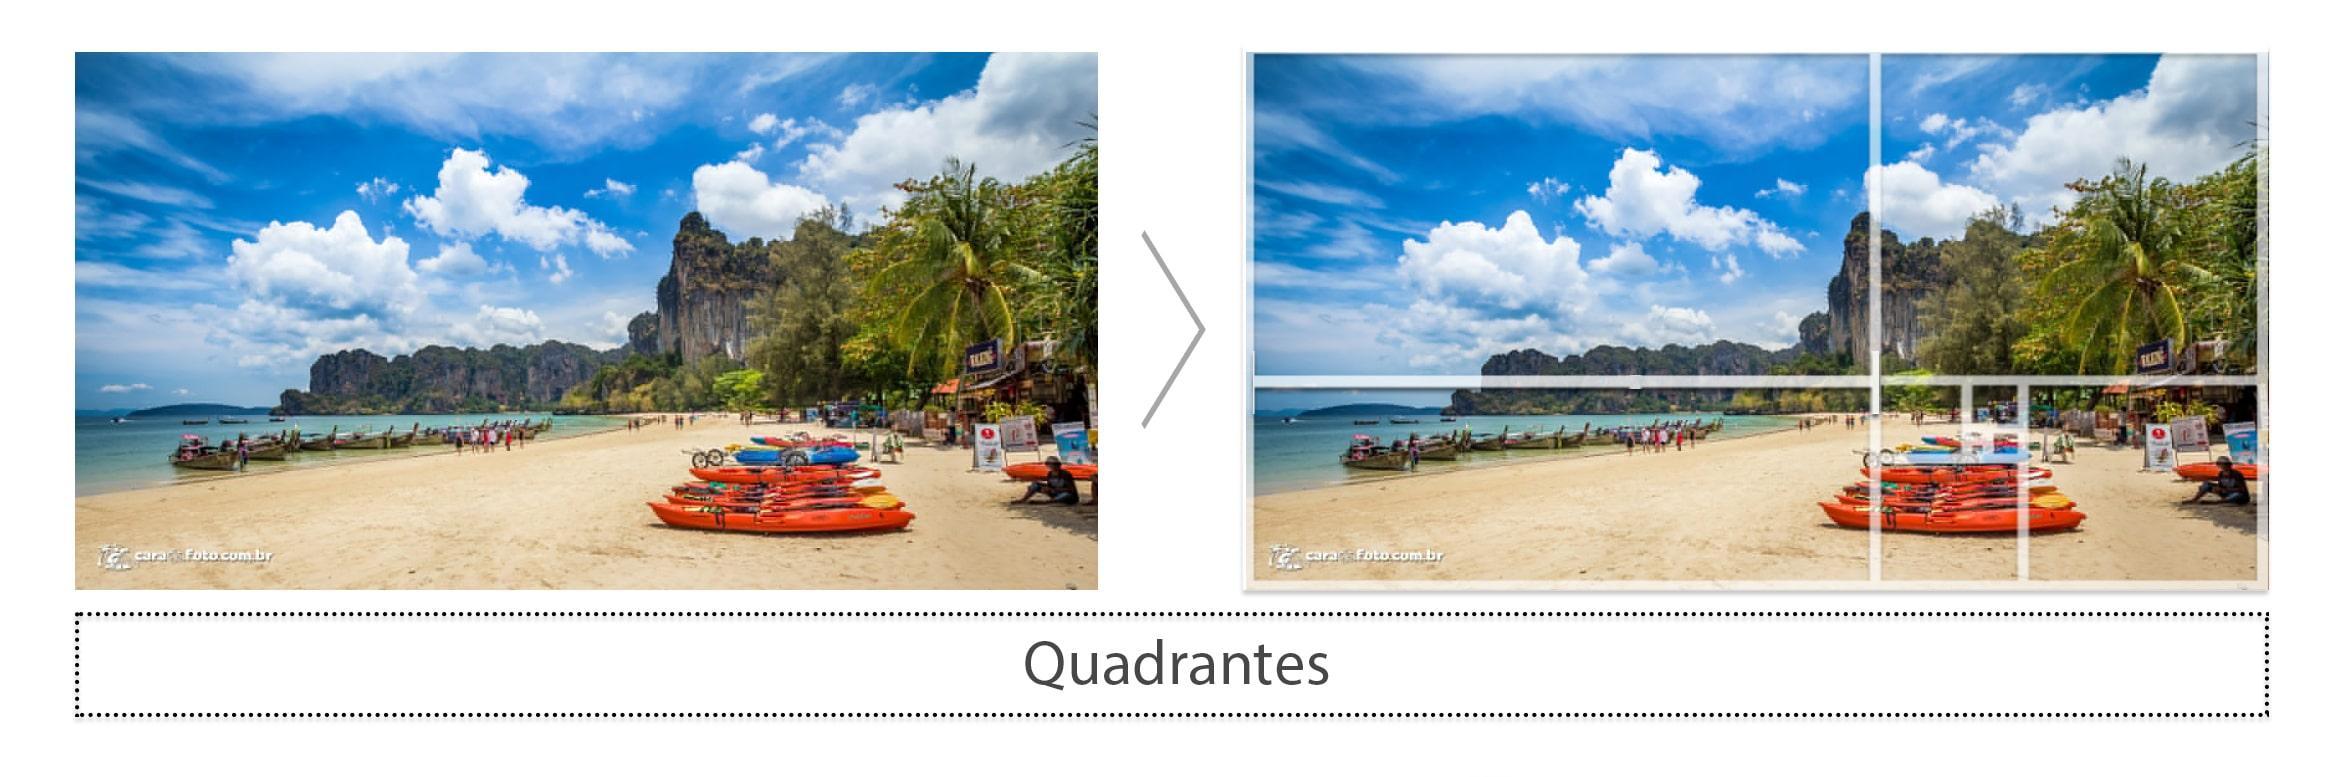 goldenRatio-quadrante-CaraDaFoto